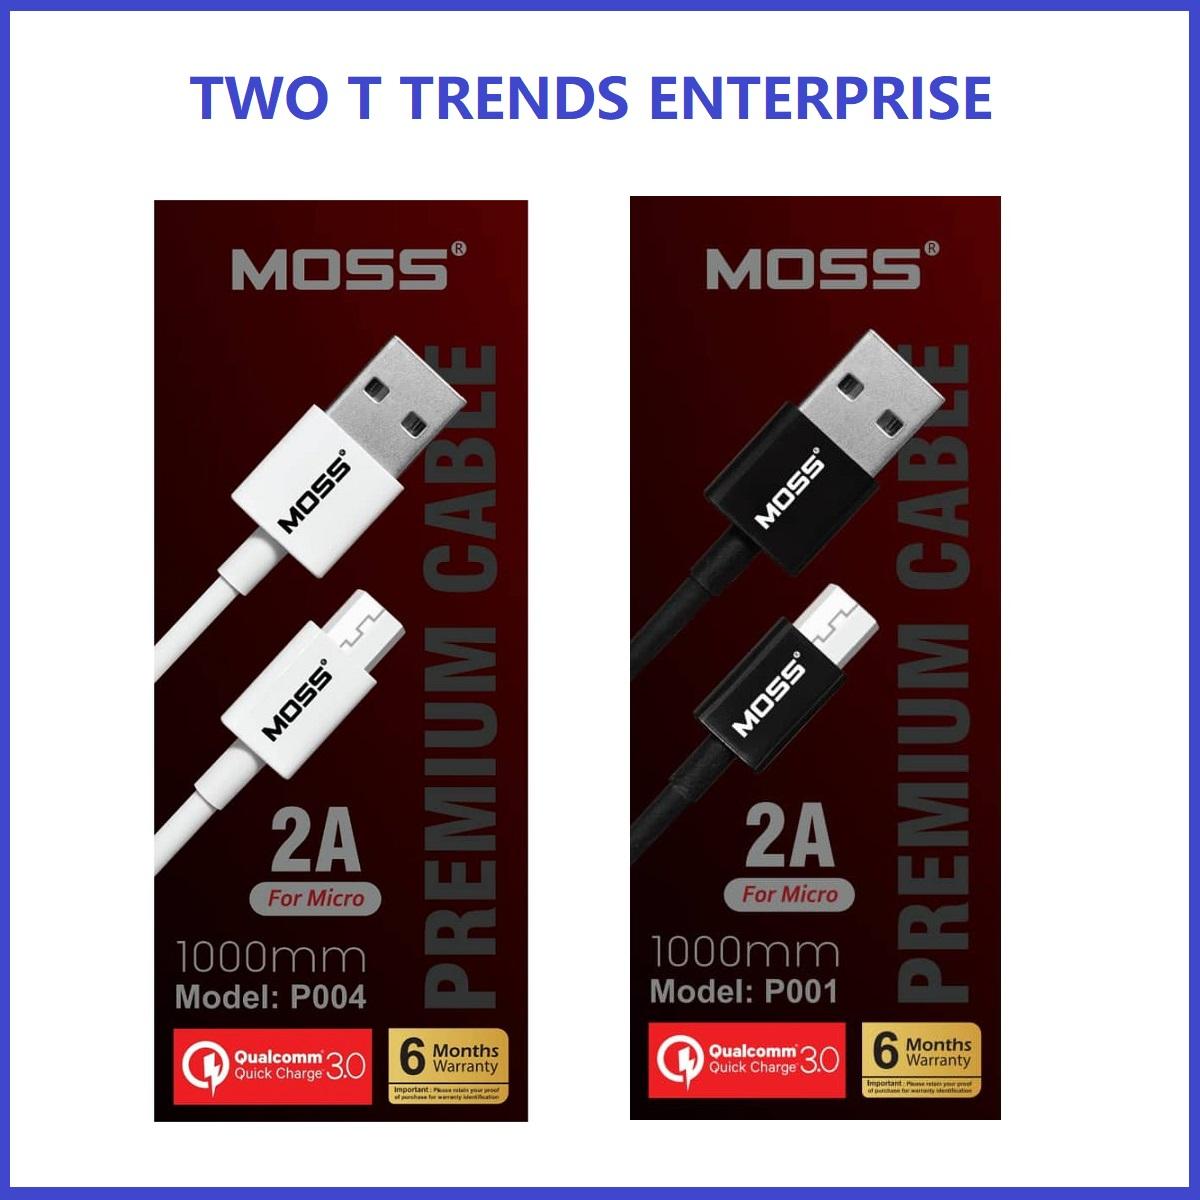 MOSS Type-C / Apple / Micro USB Premium Cable 1000mm /1500mm ORIGINAL